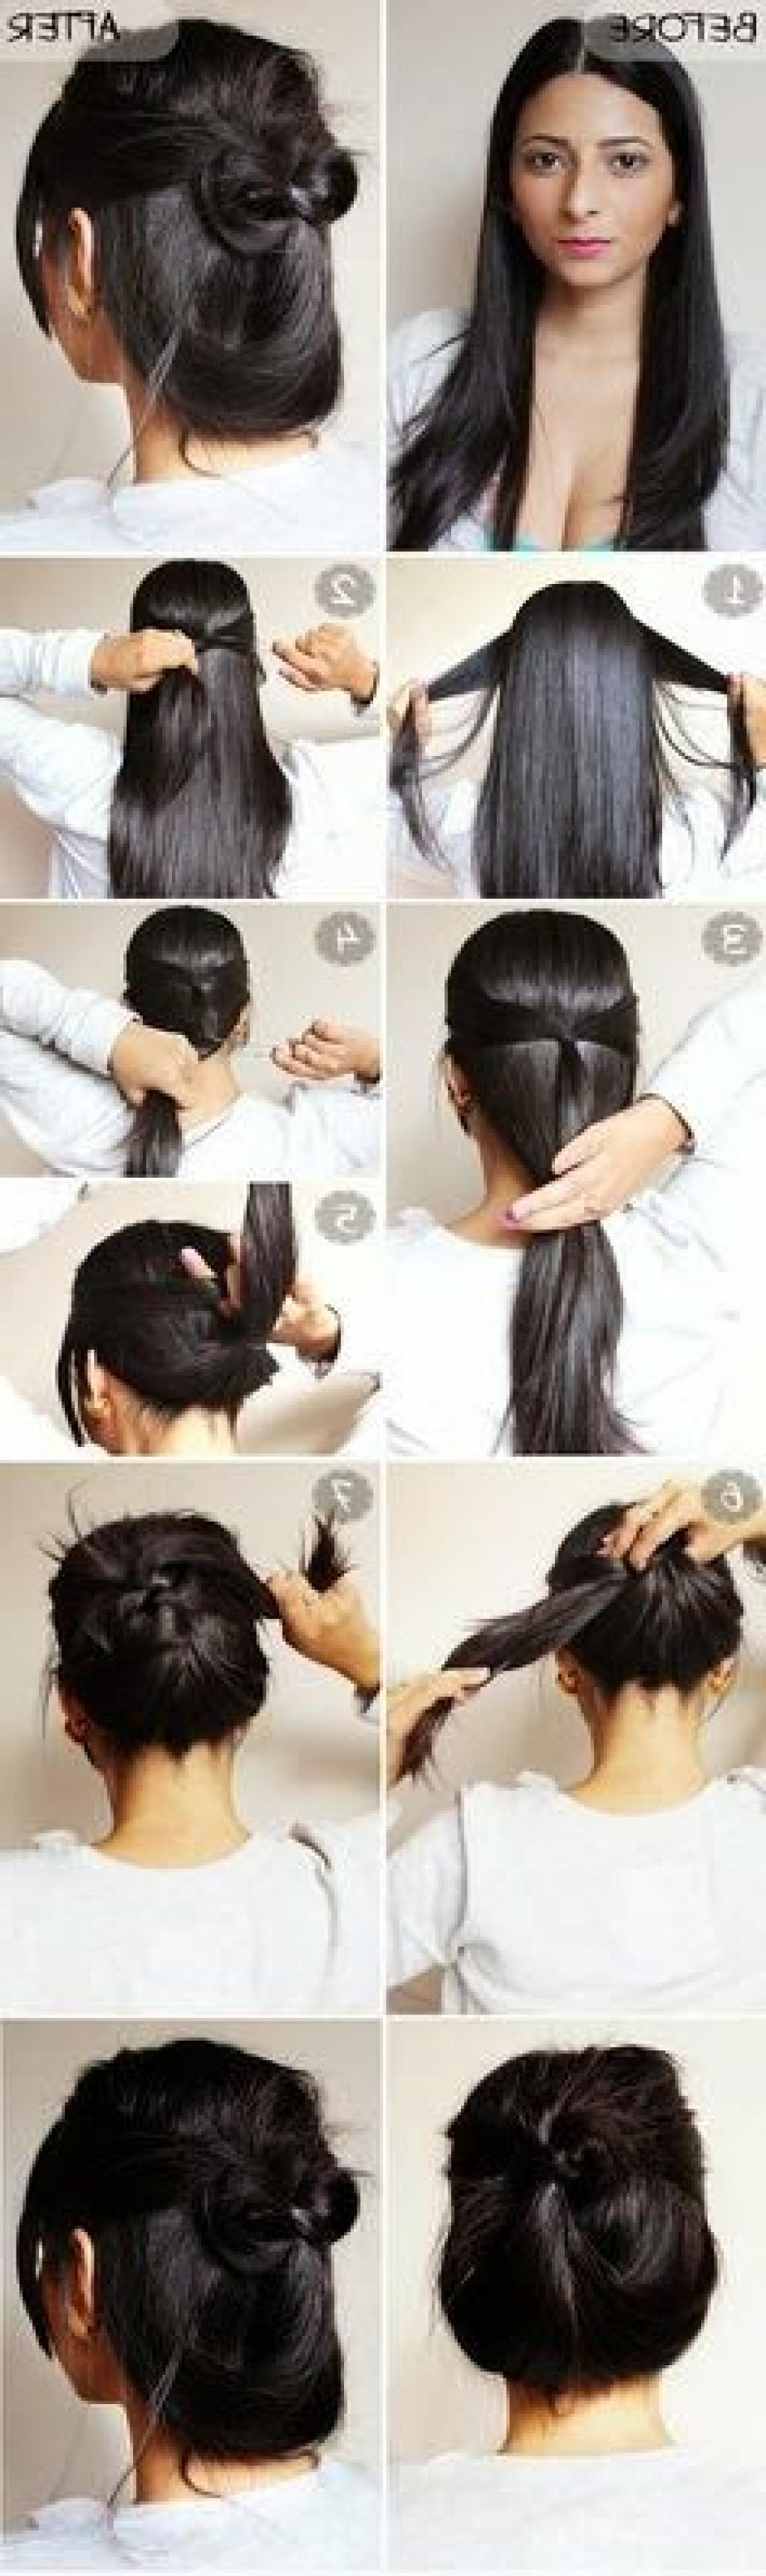 Beginner Pinterest Wedding Hairstyles for Long Hair Methods - Feilong.US